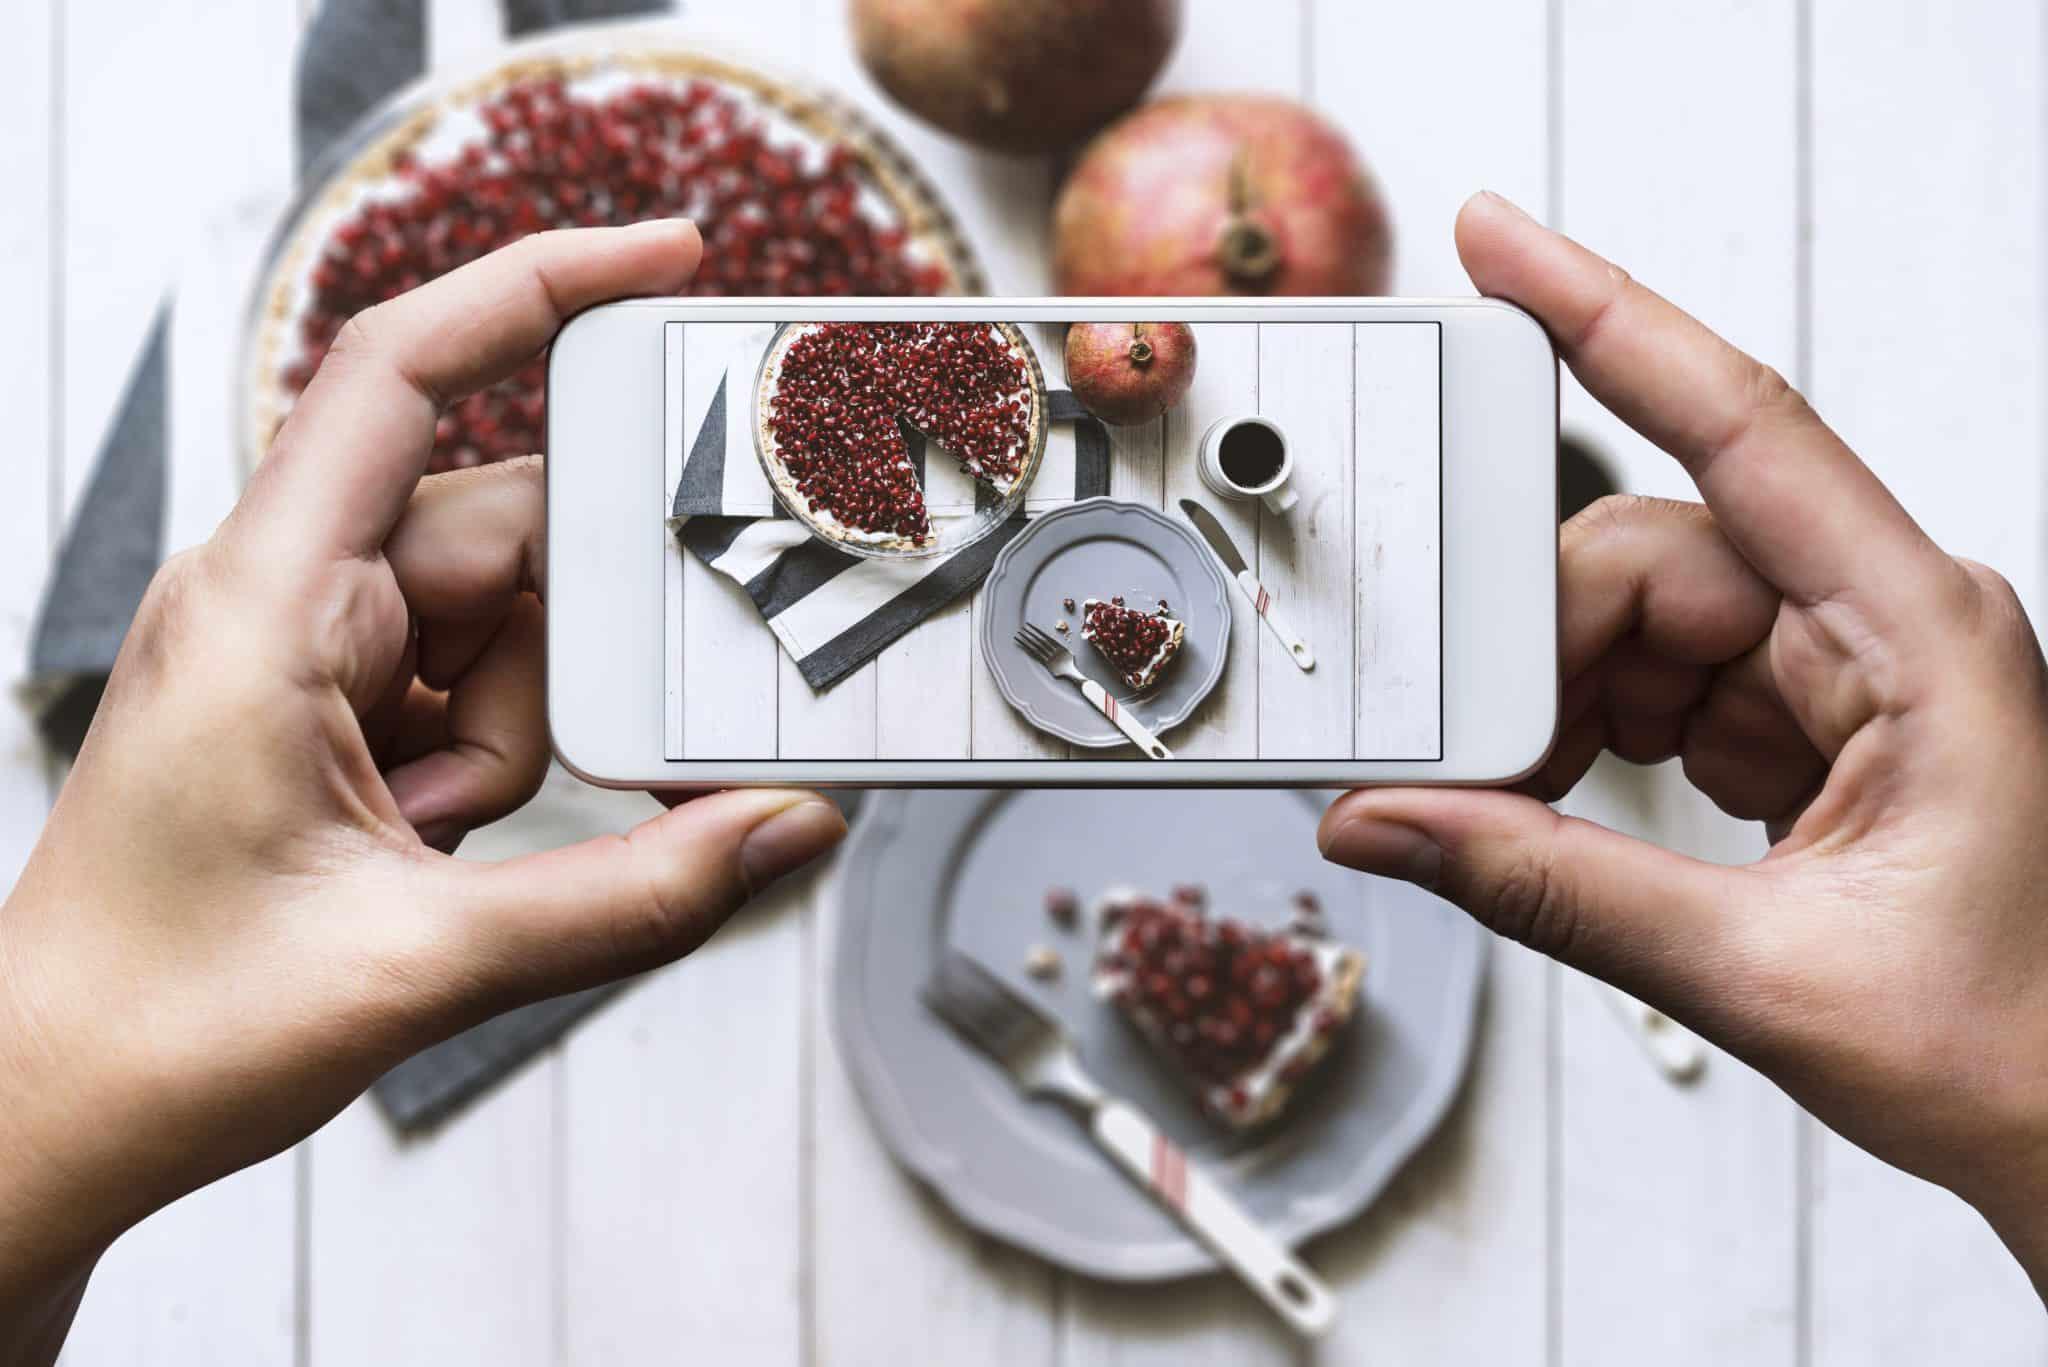 Как фотографировать еду для инстаграмма думаете, сможем